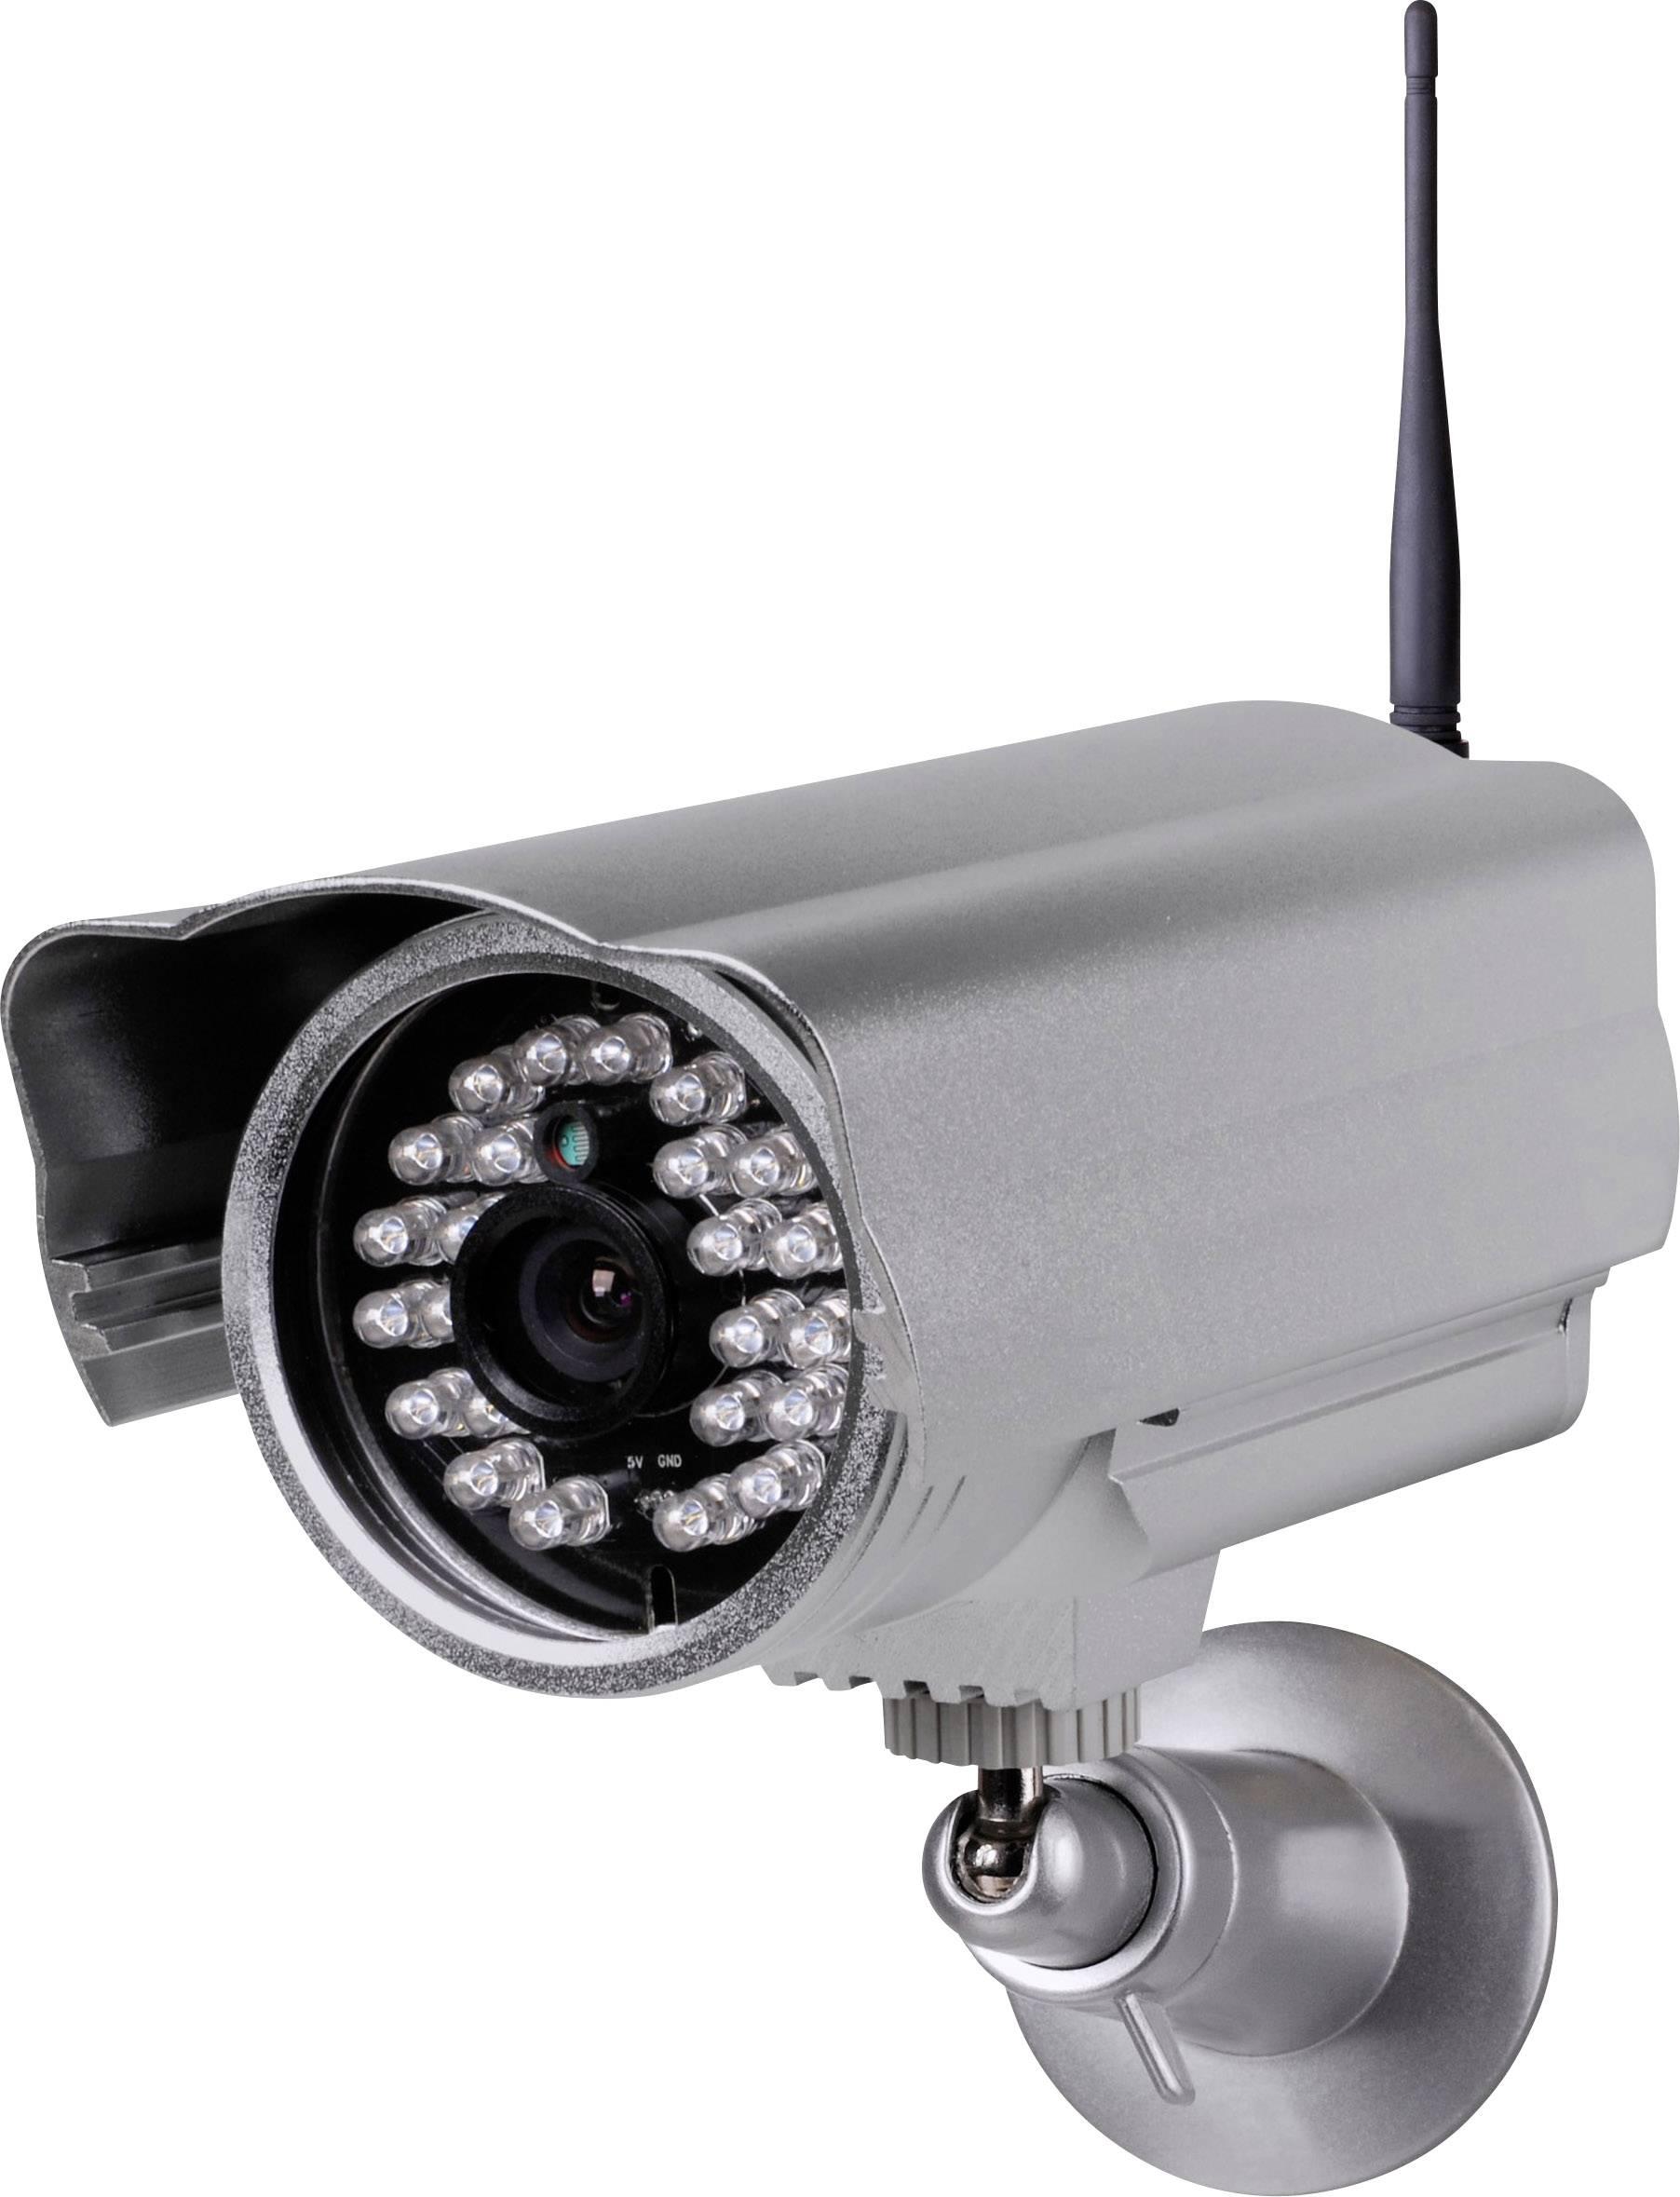 Bezpečnostná Wi-Fi sieťová kamera Elro Plug & Play C903IP.2, 640 x 480 px